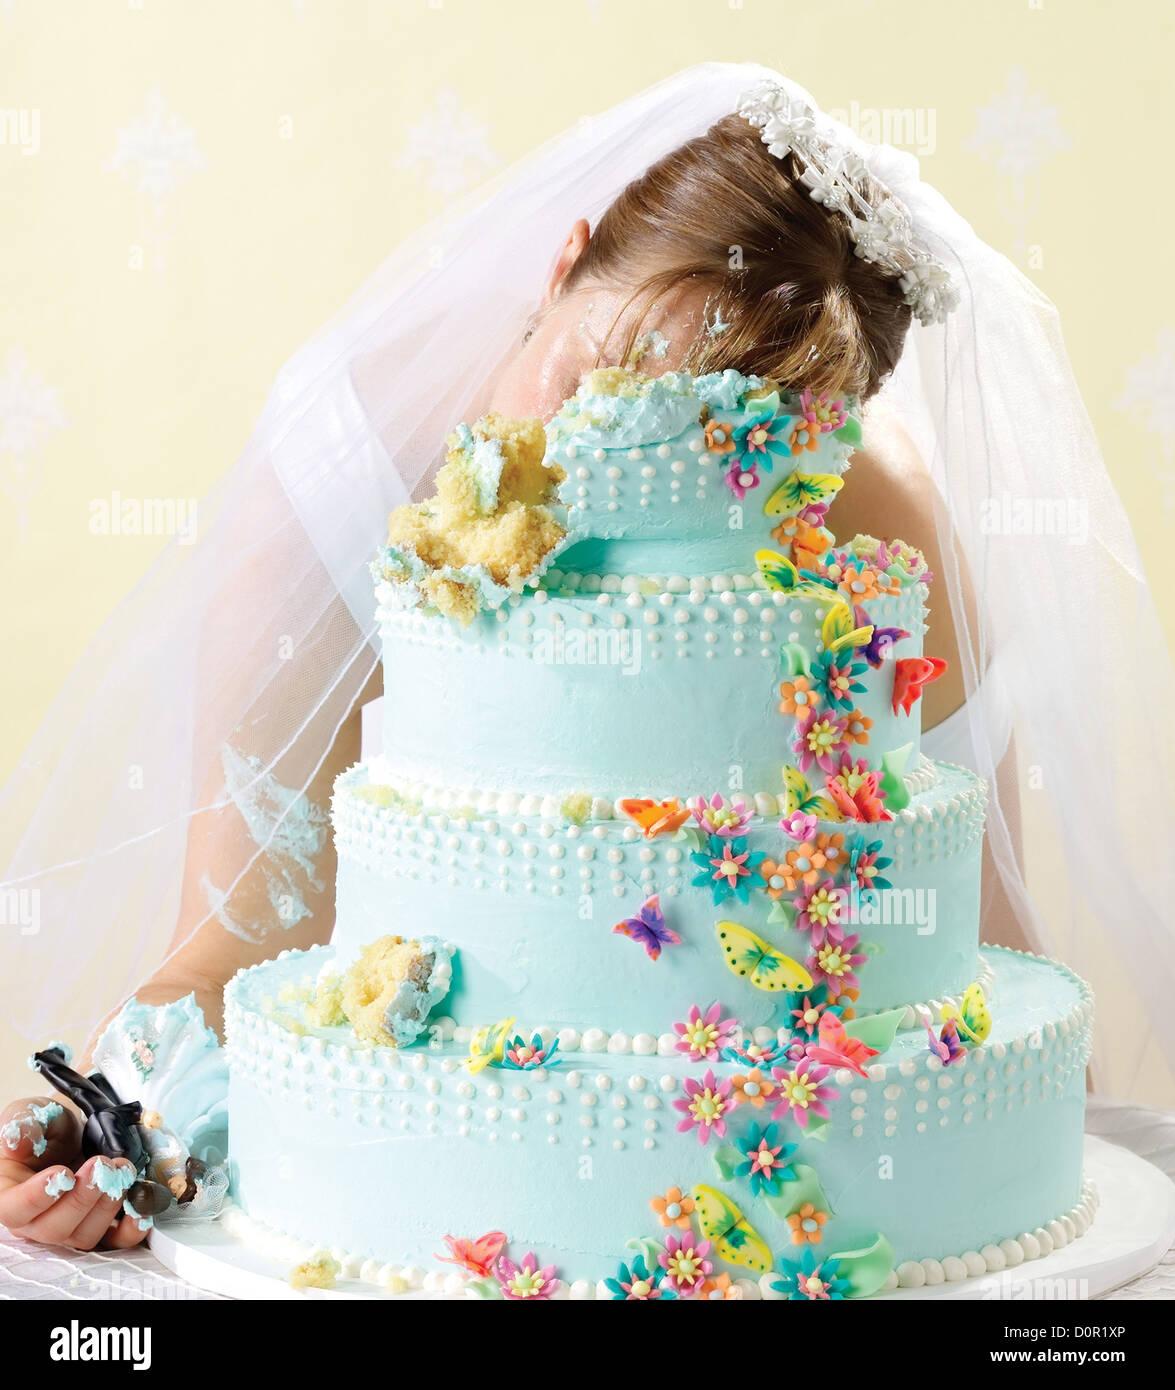 Crime scene of bride killed in her wedding cake Stock Photo